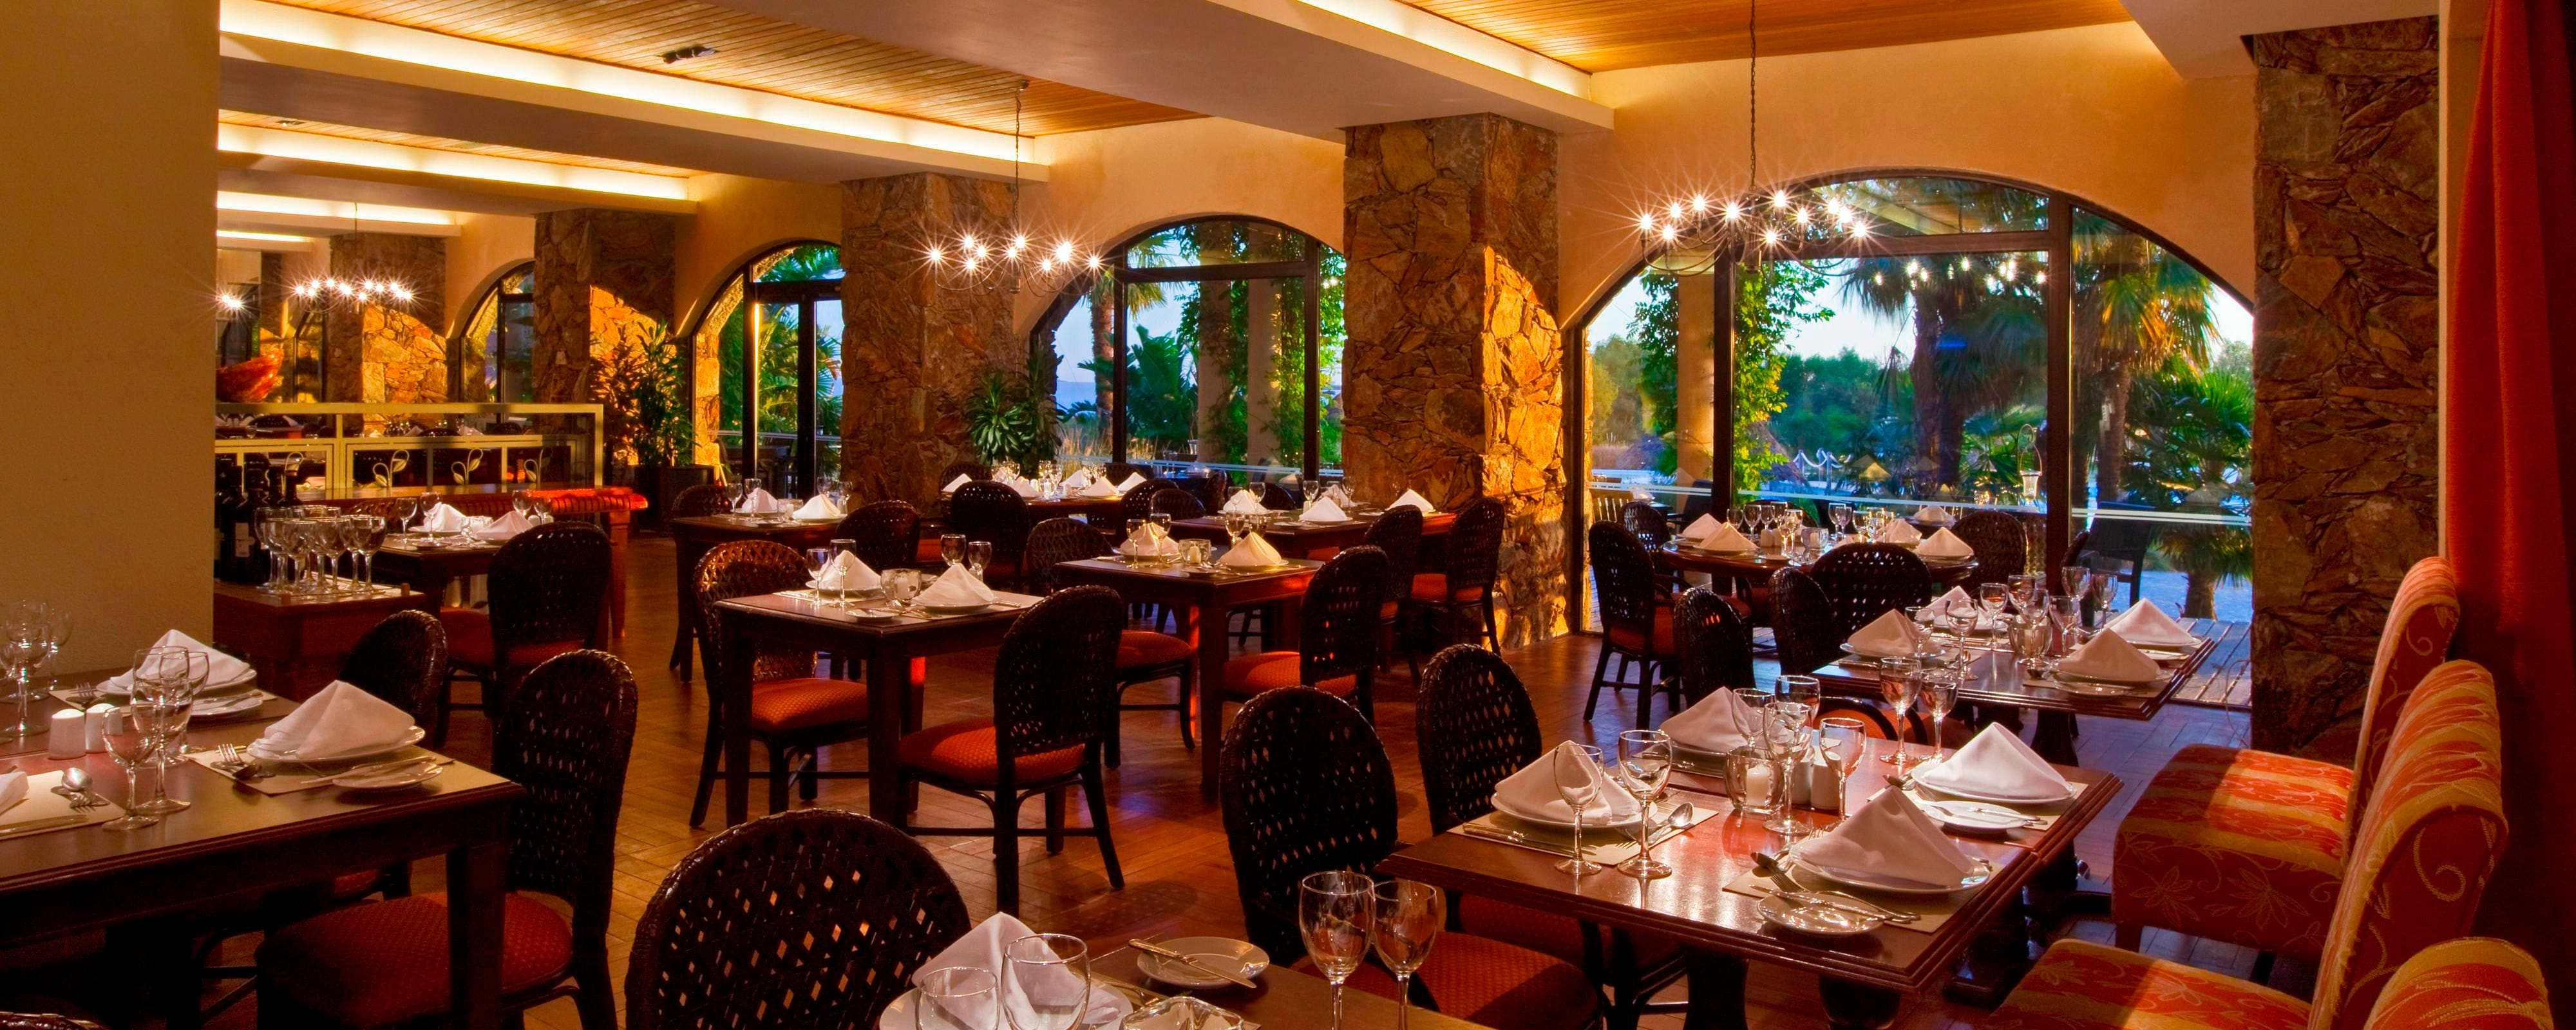 Colonia del Sacramento Restaurants | Sheraton Colonia Golf